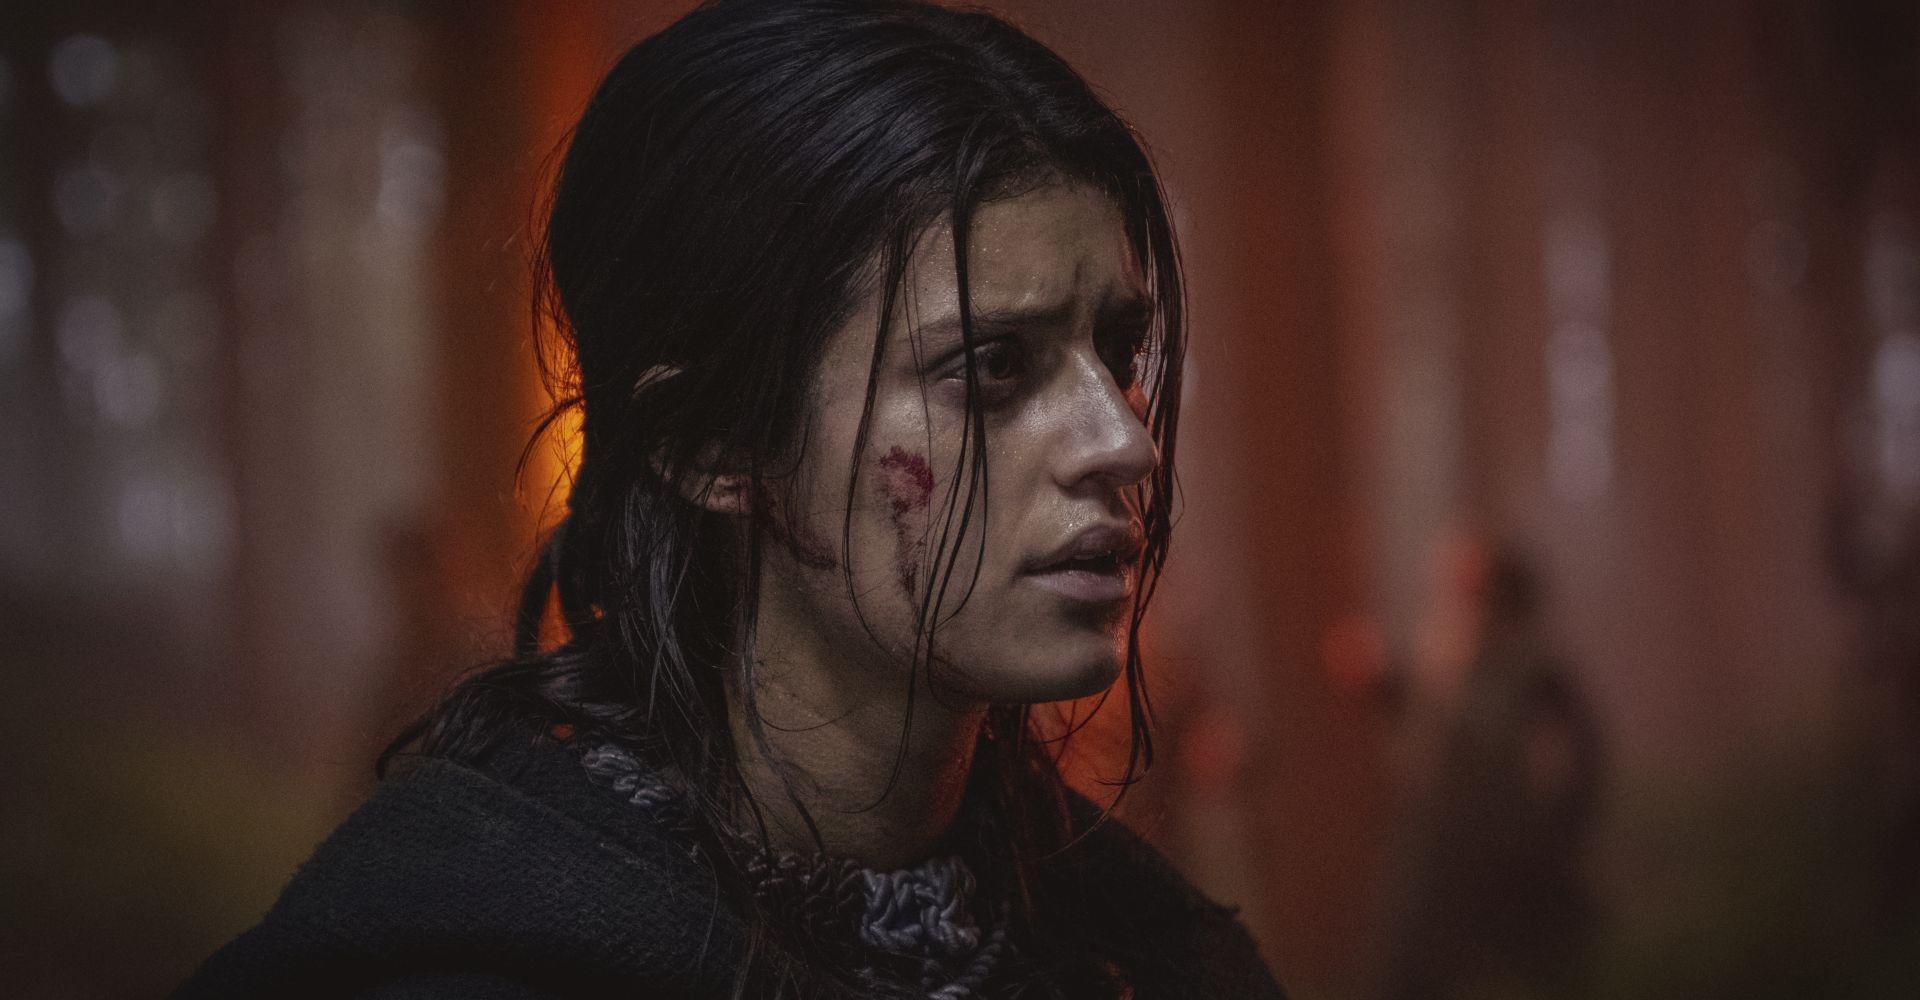 Yennefer in Staffel 2 von The Witcher.